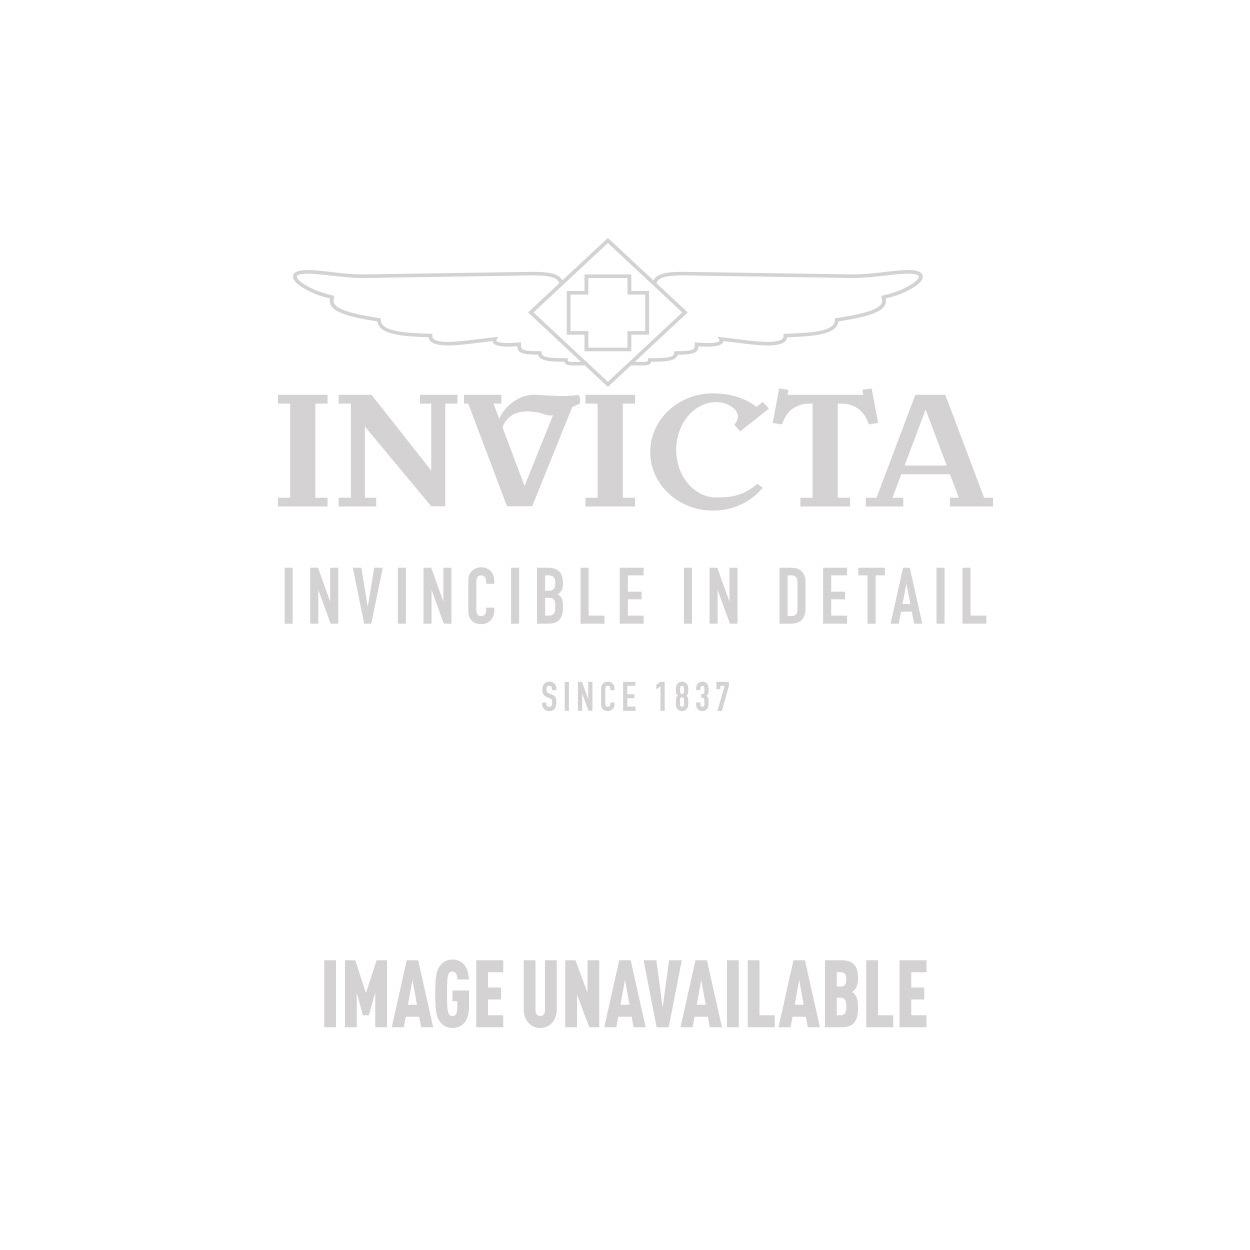 Invicta Model 28144